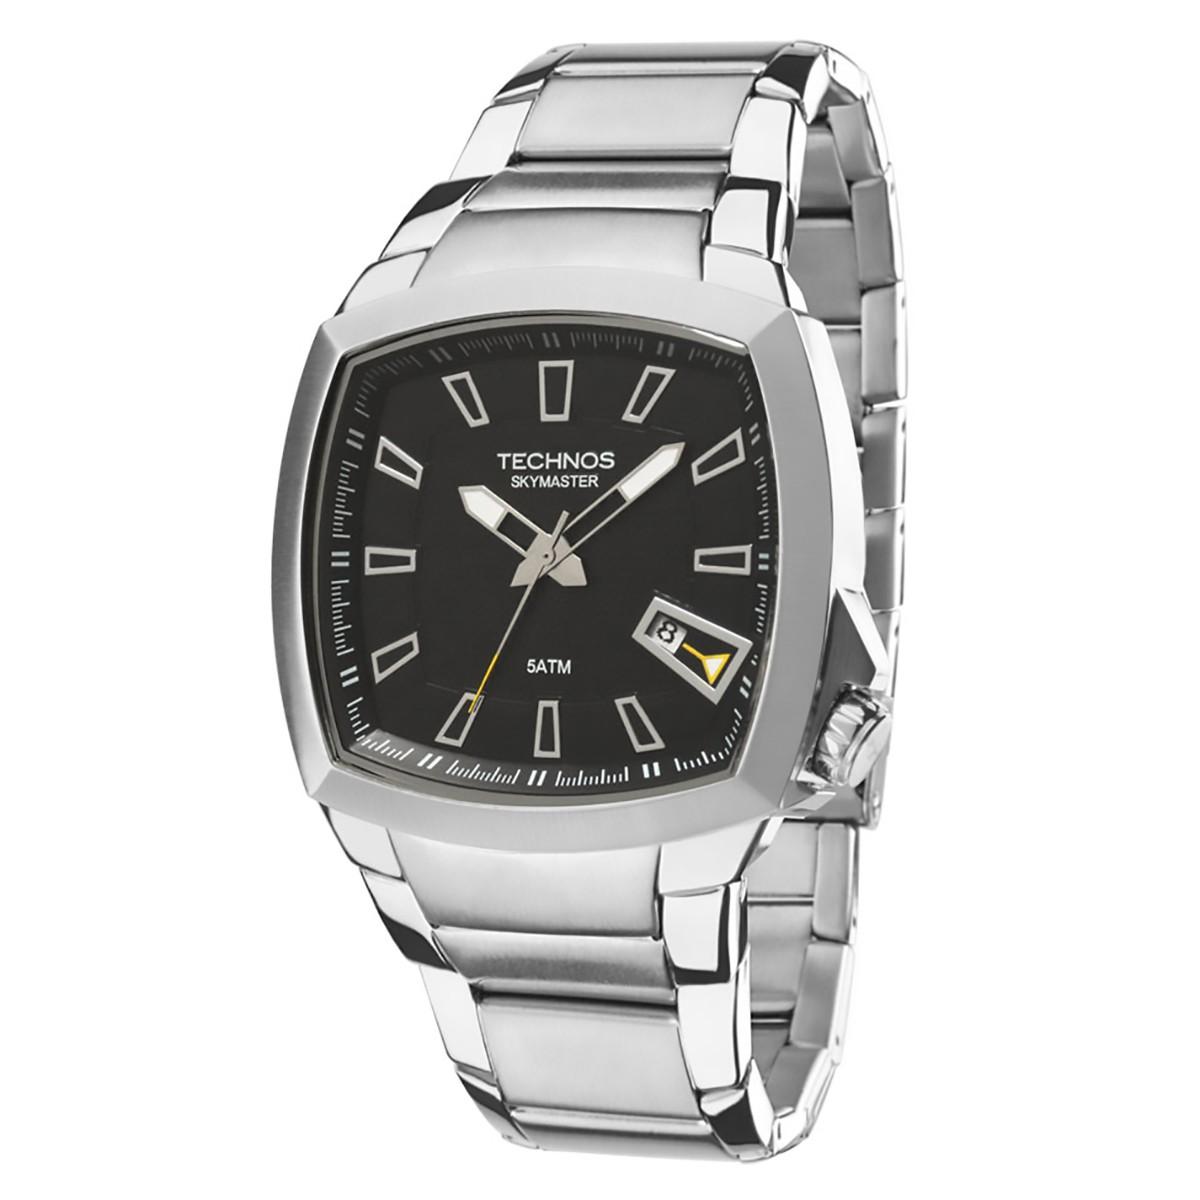 487e95264af Compre Relógio Technos Performance Skymaster em 10X